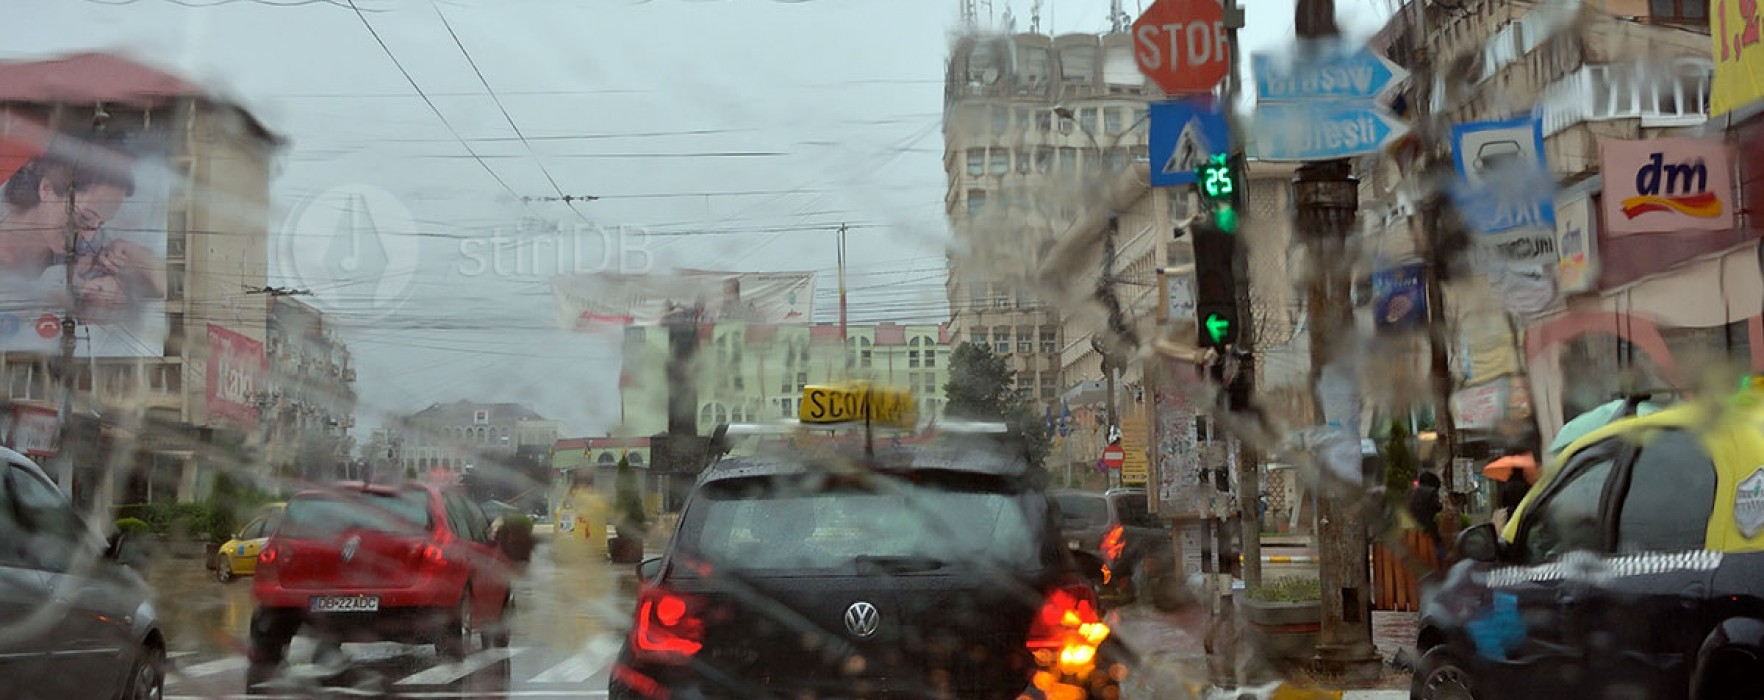 Dâmboviţa: Cod Galben de ploaie şi vreme rece, în weekend